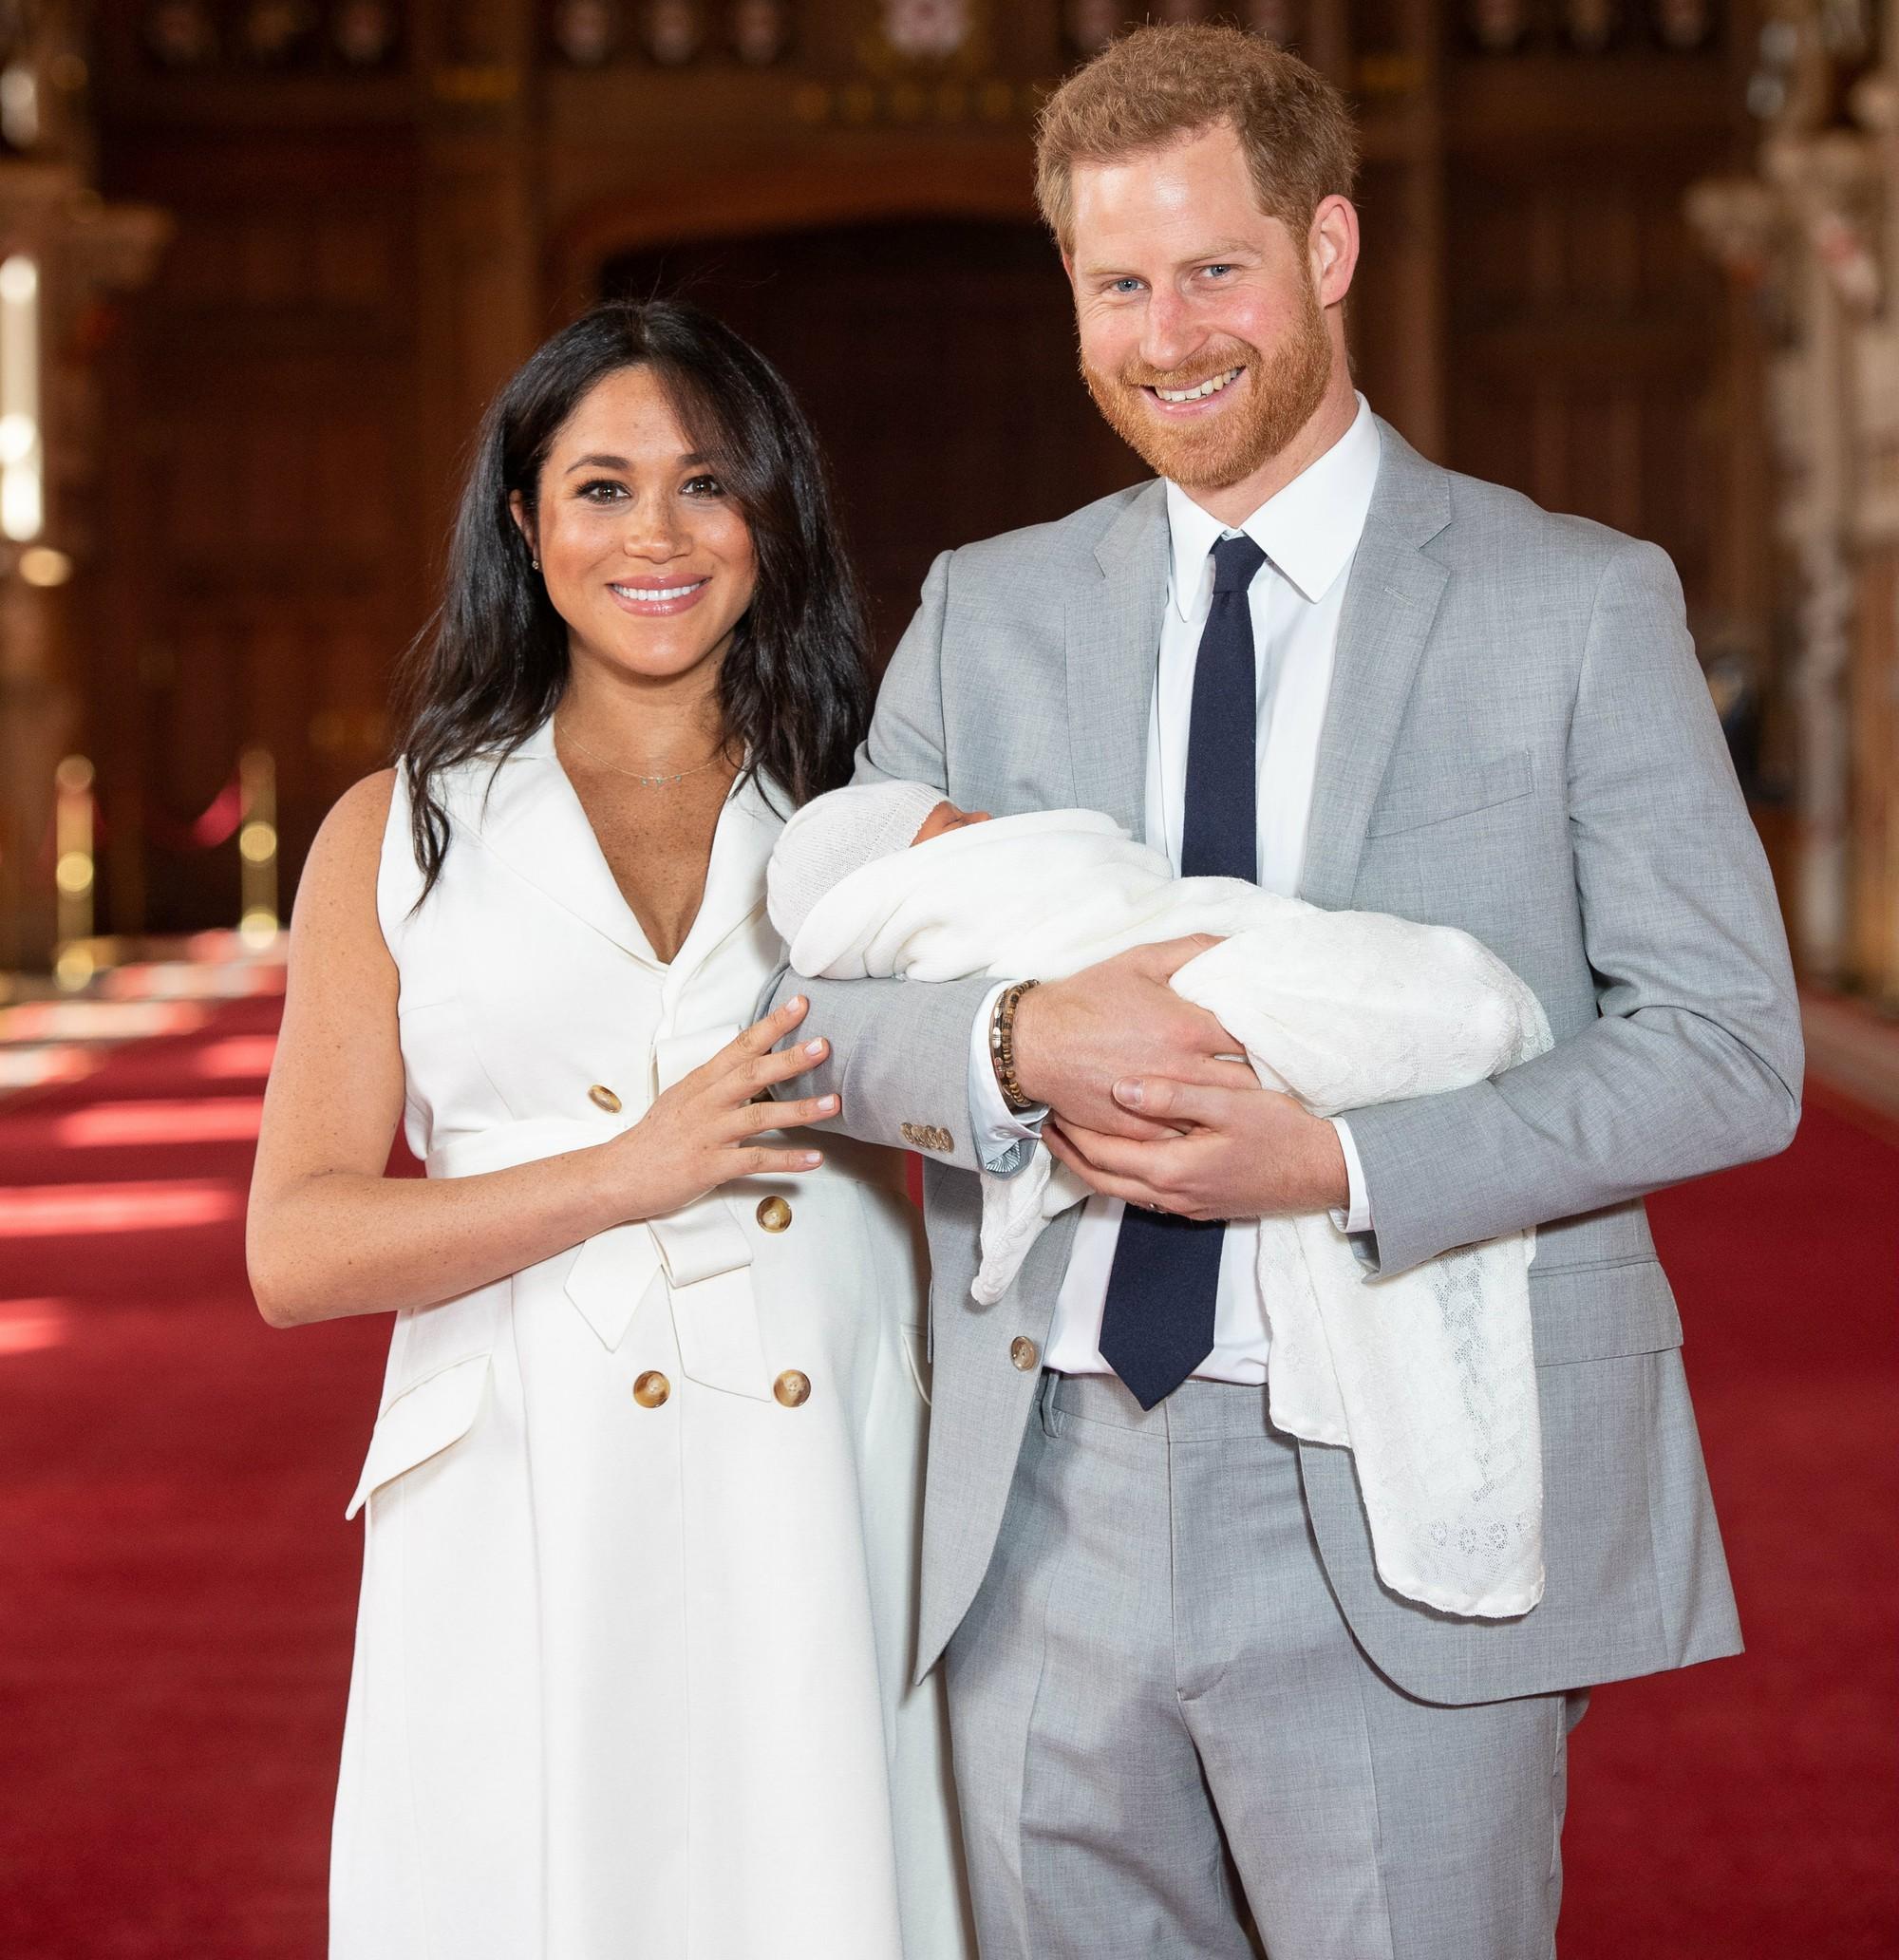 Style lộ diện sau sinh của 2 nàng dâu Hoàng gia: Chị chọn váy suông giấu dáng, em chẳng ngại mặc váy thắt eo nhưng lạ ở chỗ là cùng đi 1 kiểu giày - Ảnh 2.